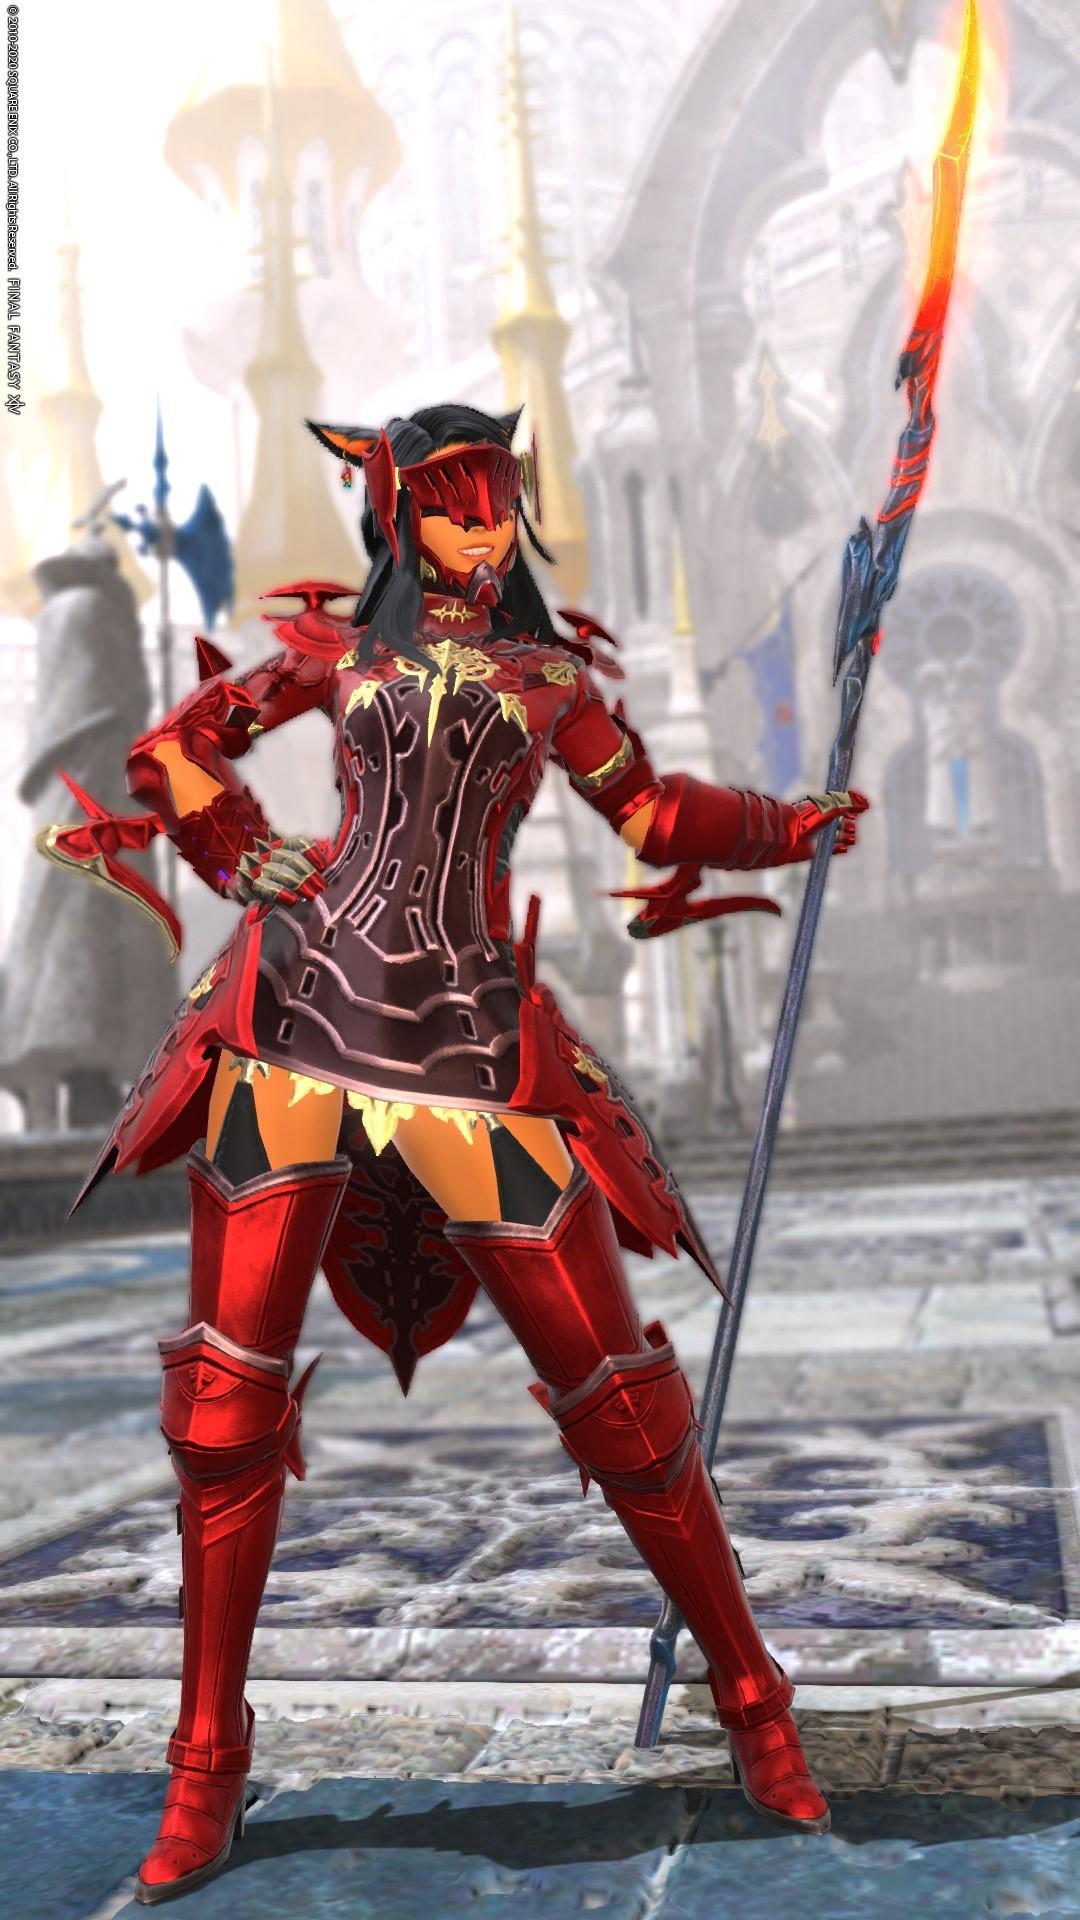 ミニワンピ紅の竜騎士